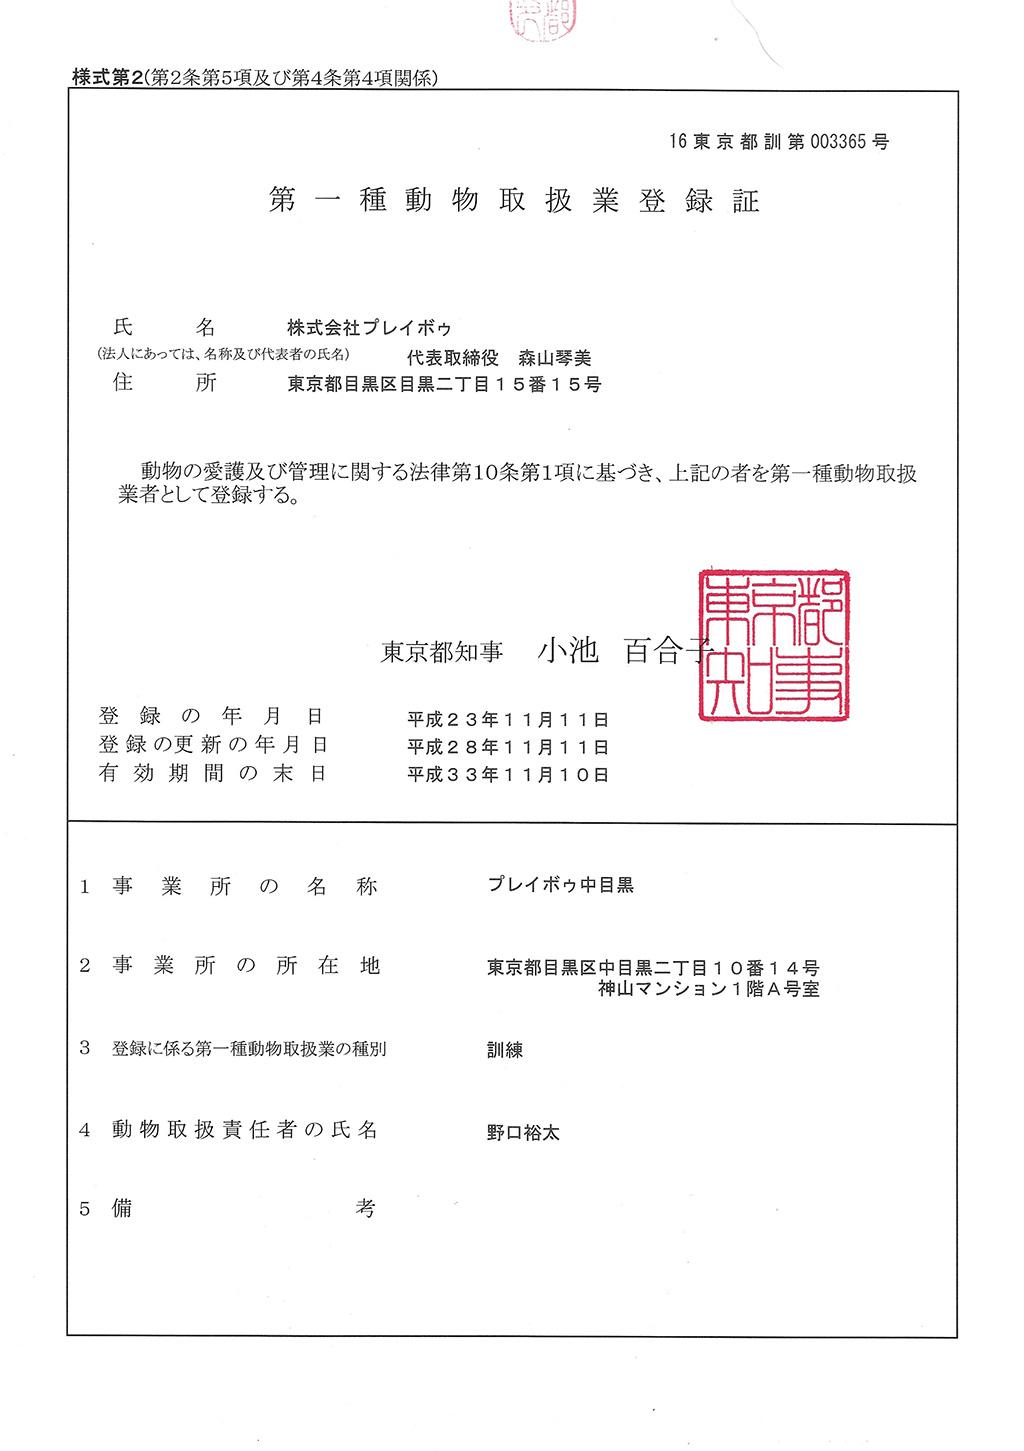 第一種動物取扱業登録証(訓練)